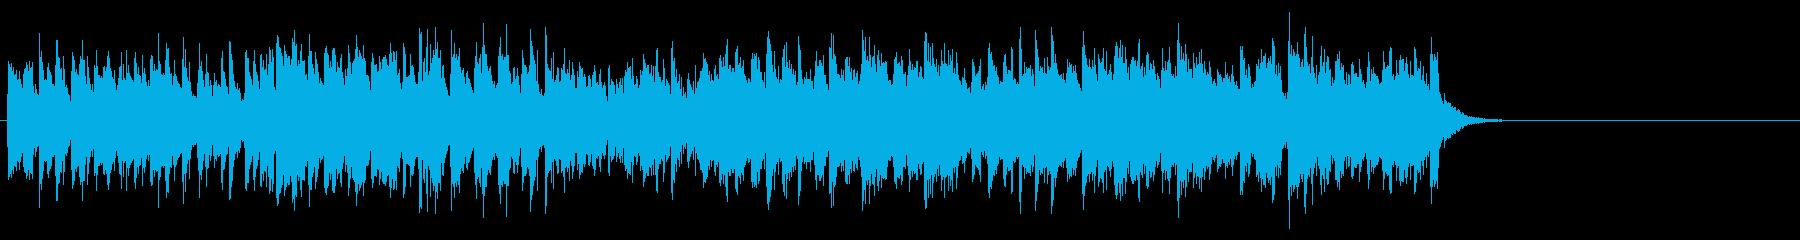 軽快なガールズポップス(Aメロ~サビ)の再生済みの波形